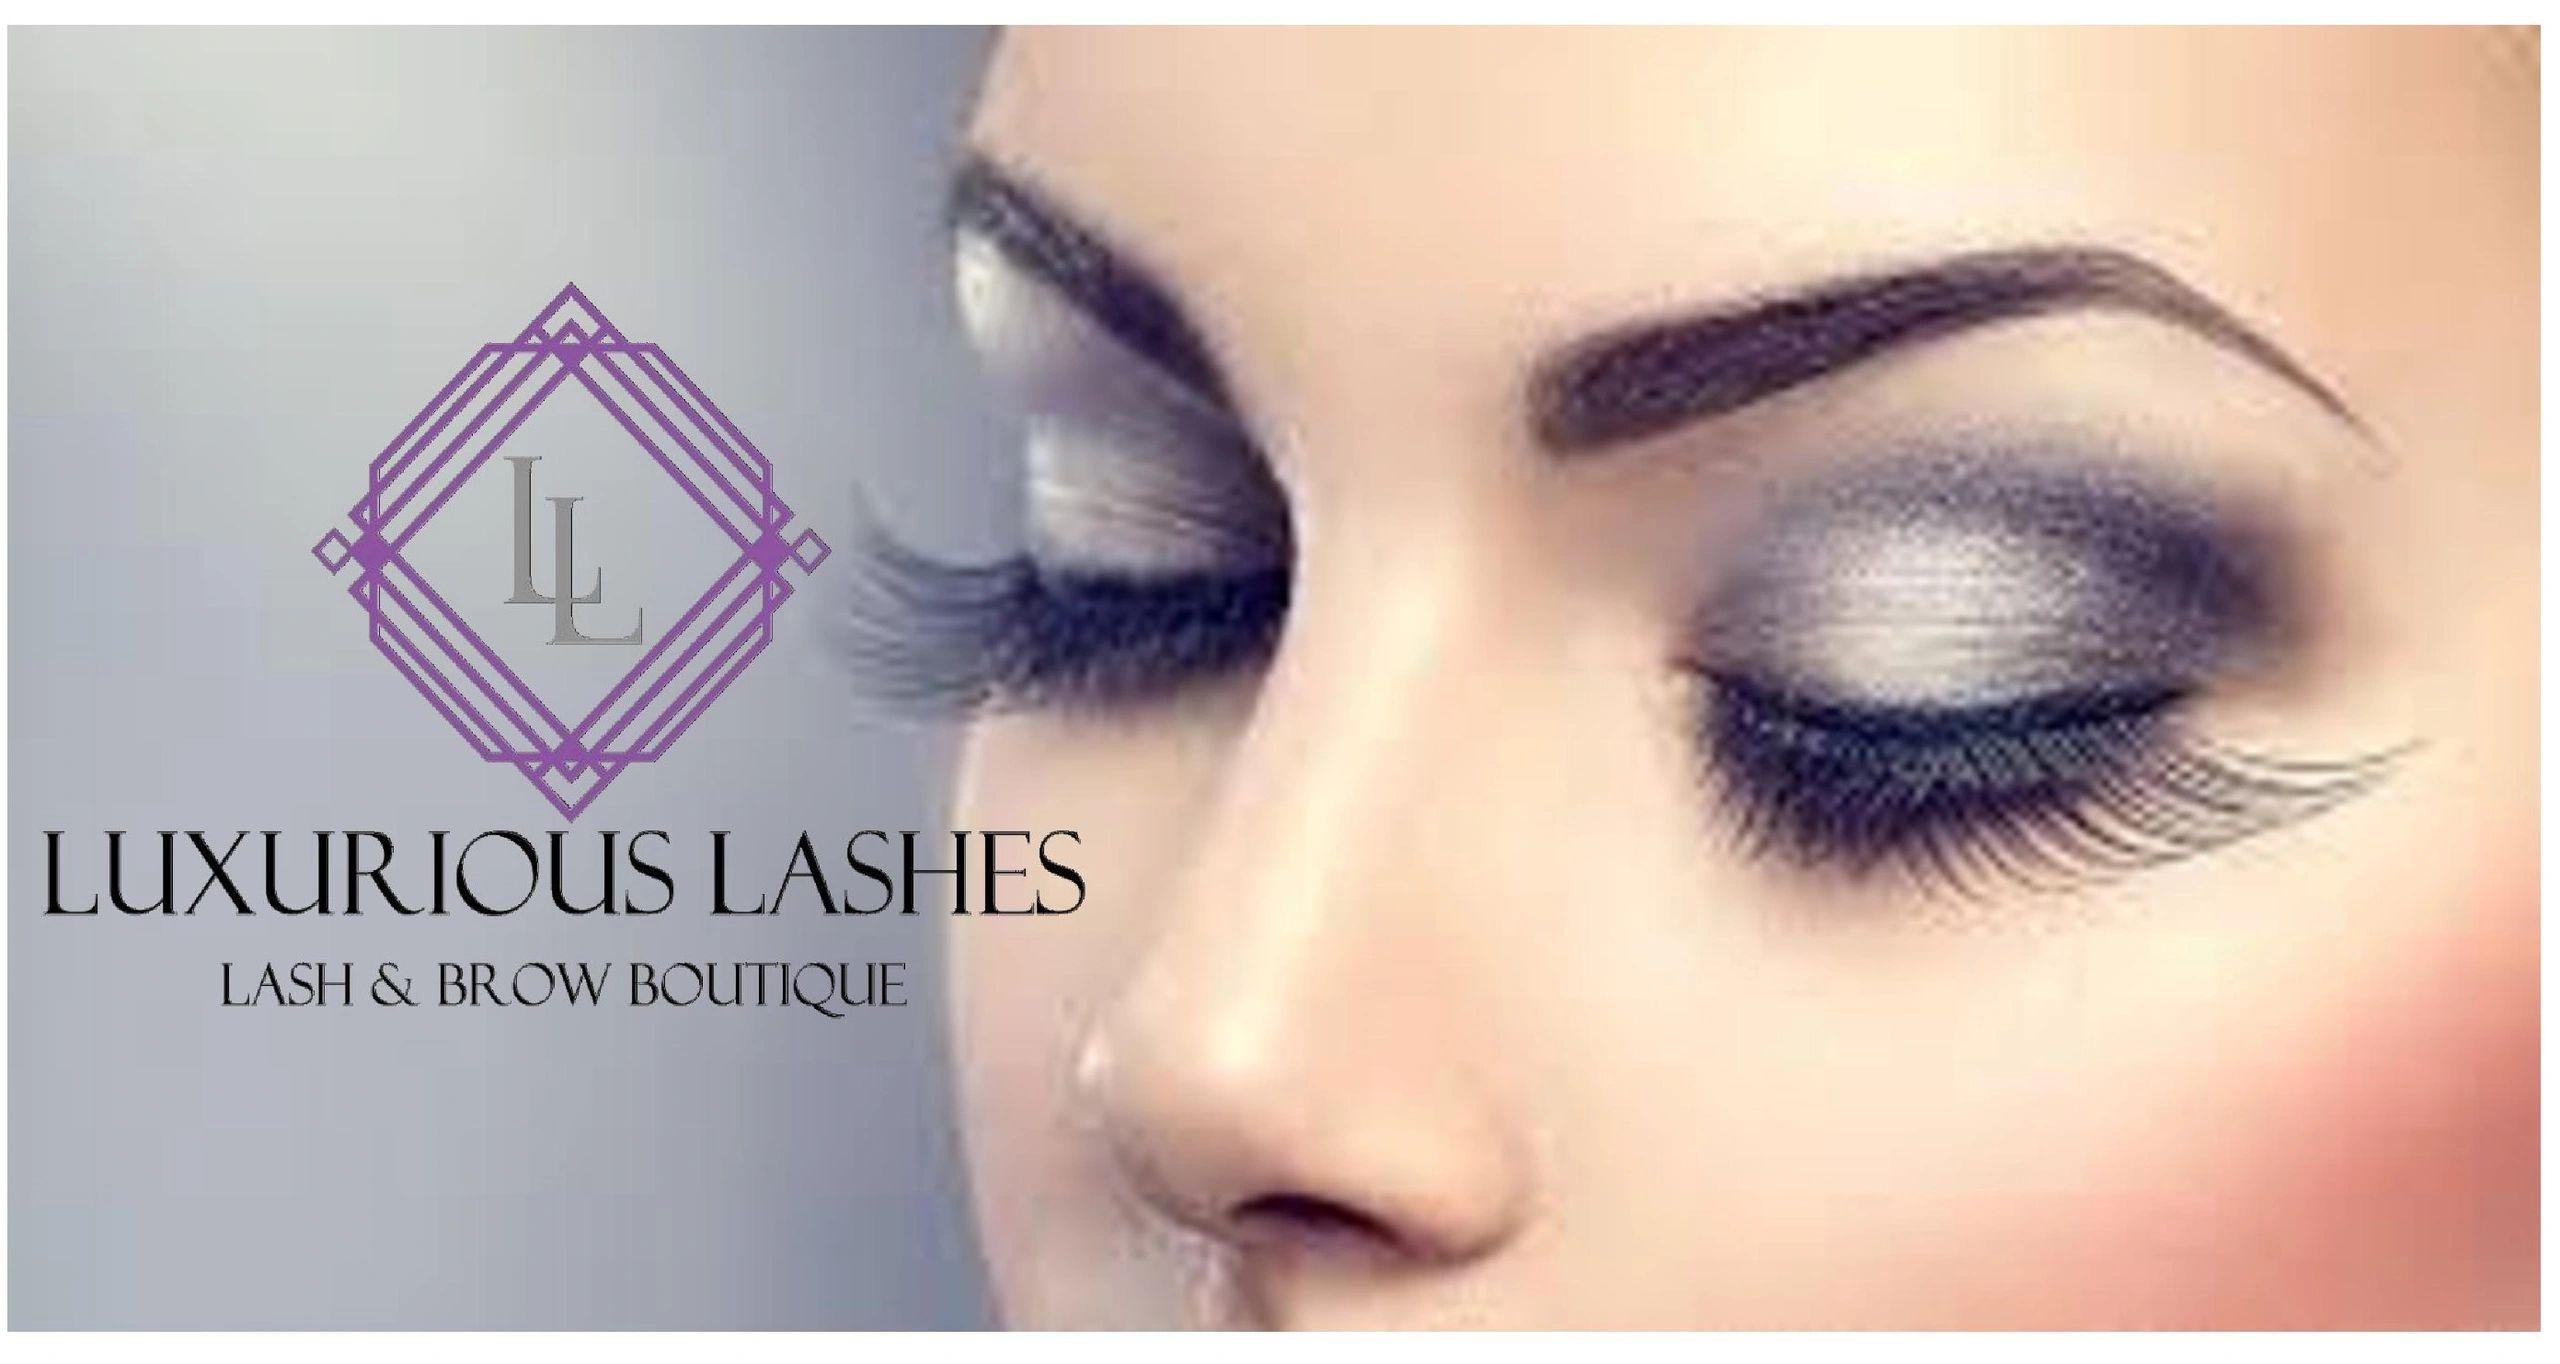 Luxurious Lashes Lash Extentions Lash Boutique